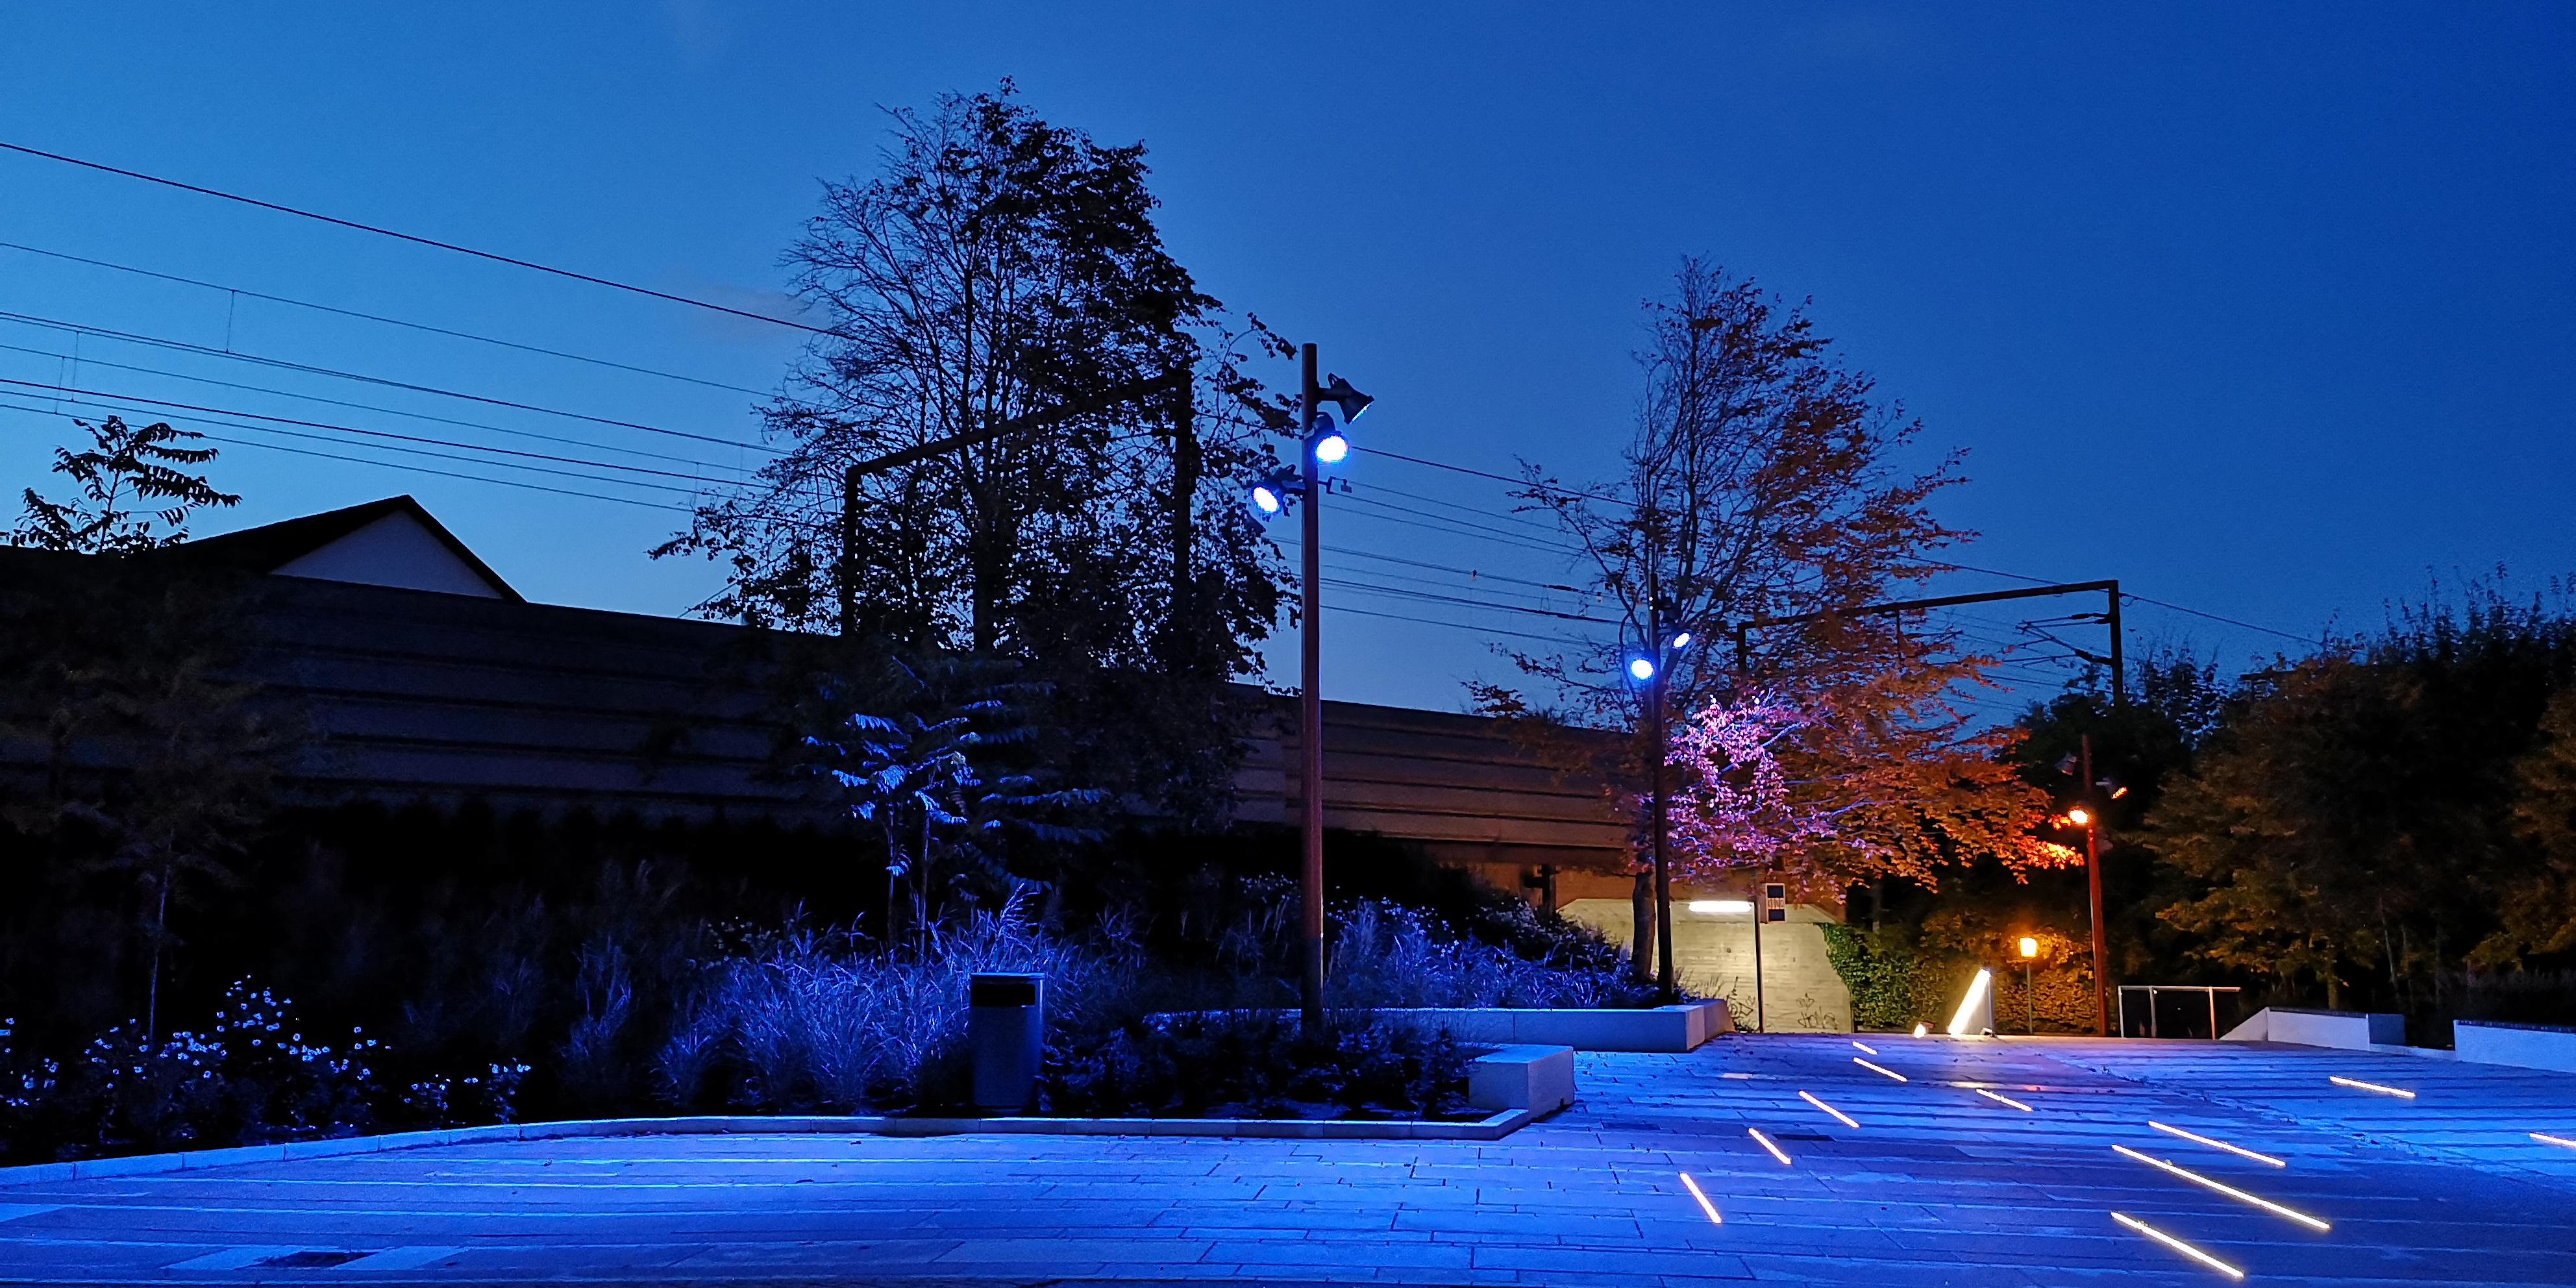 Kinotorv blåt lys aften MOOS LANDSKABER